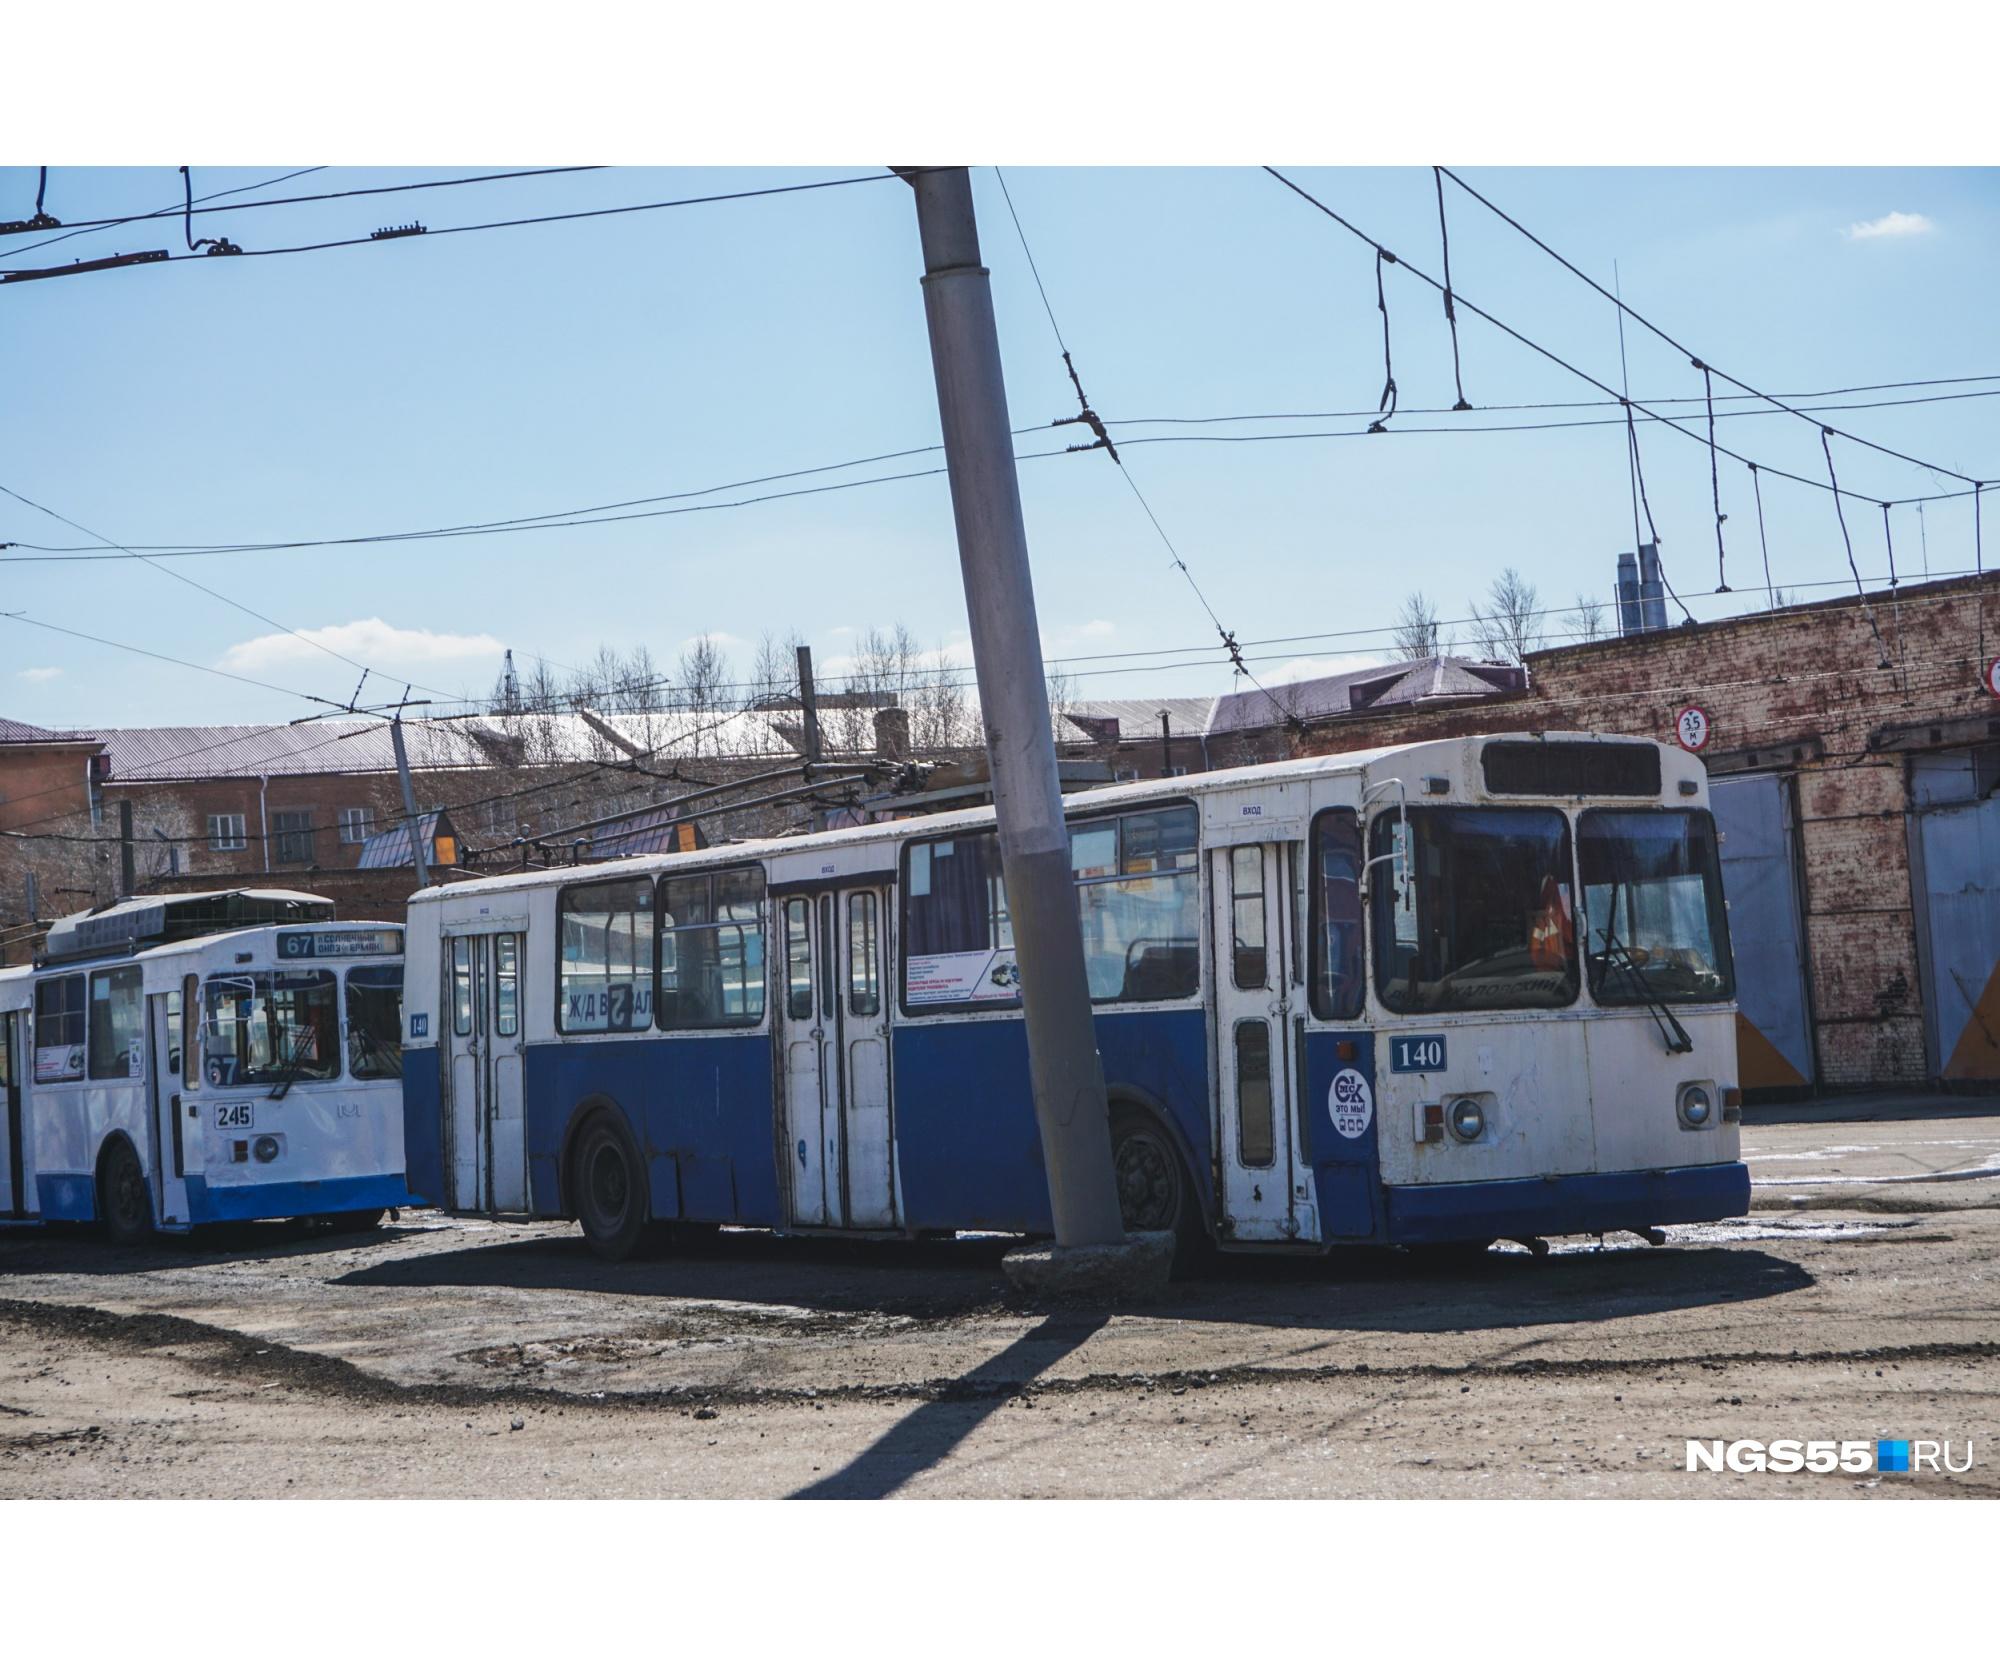 Многие троллейбусы уже давно отработали свой срок